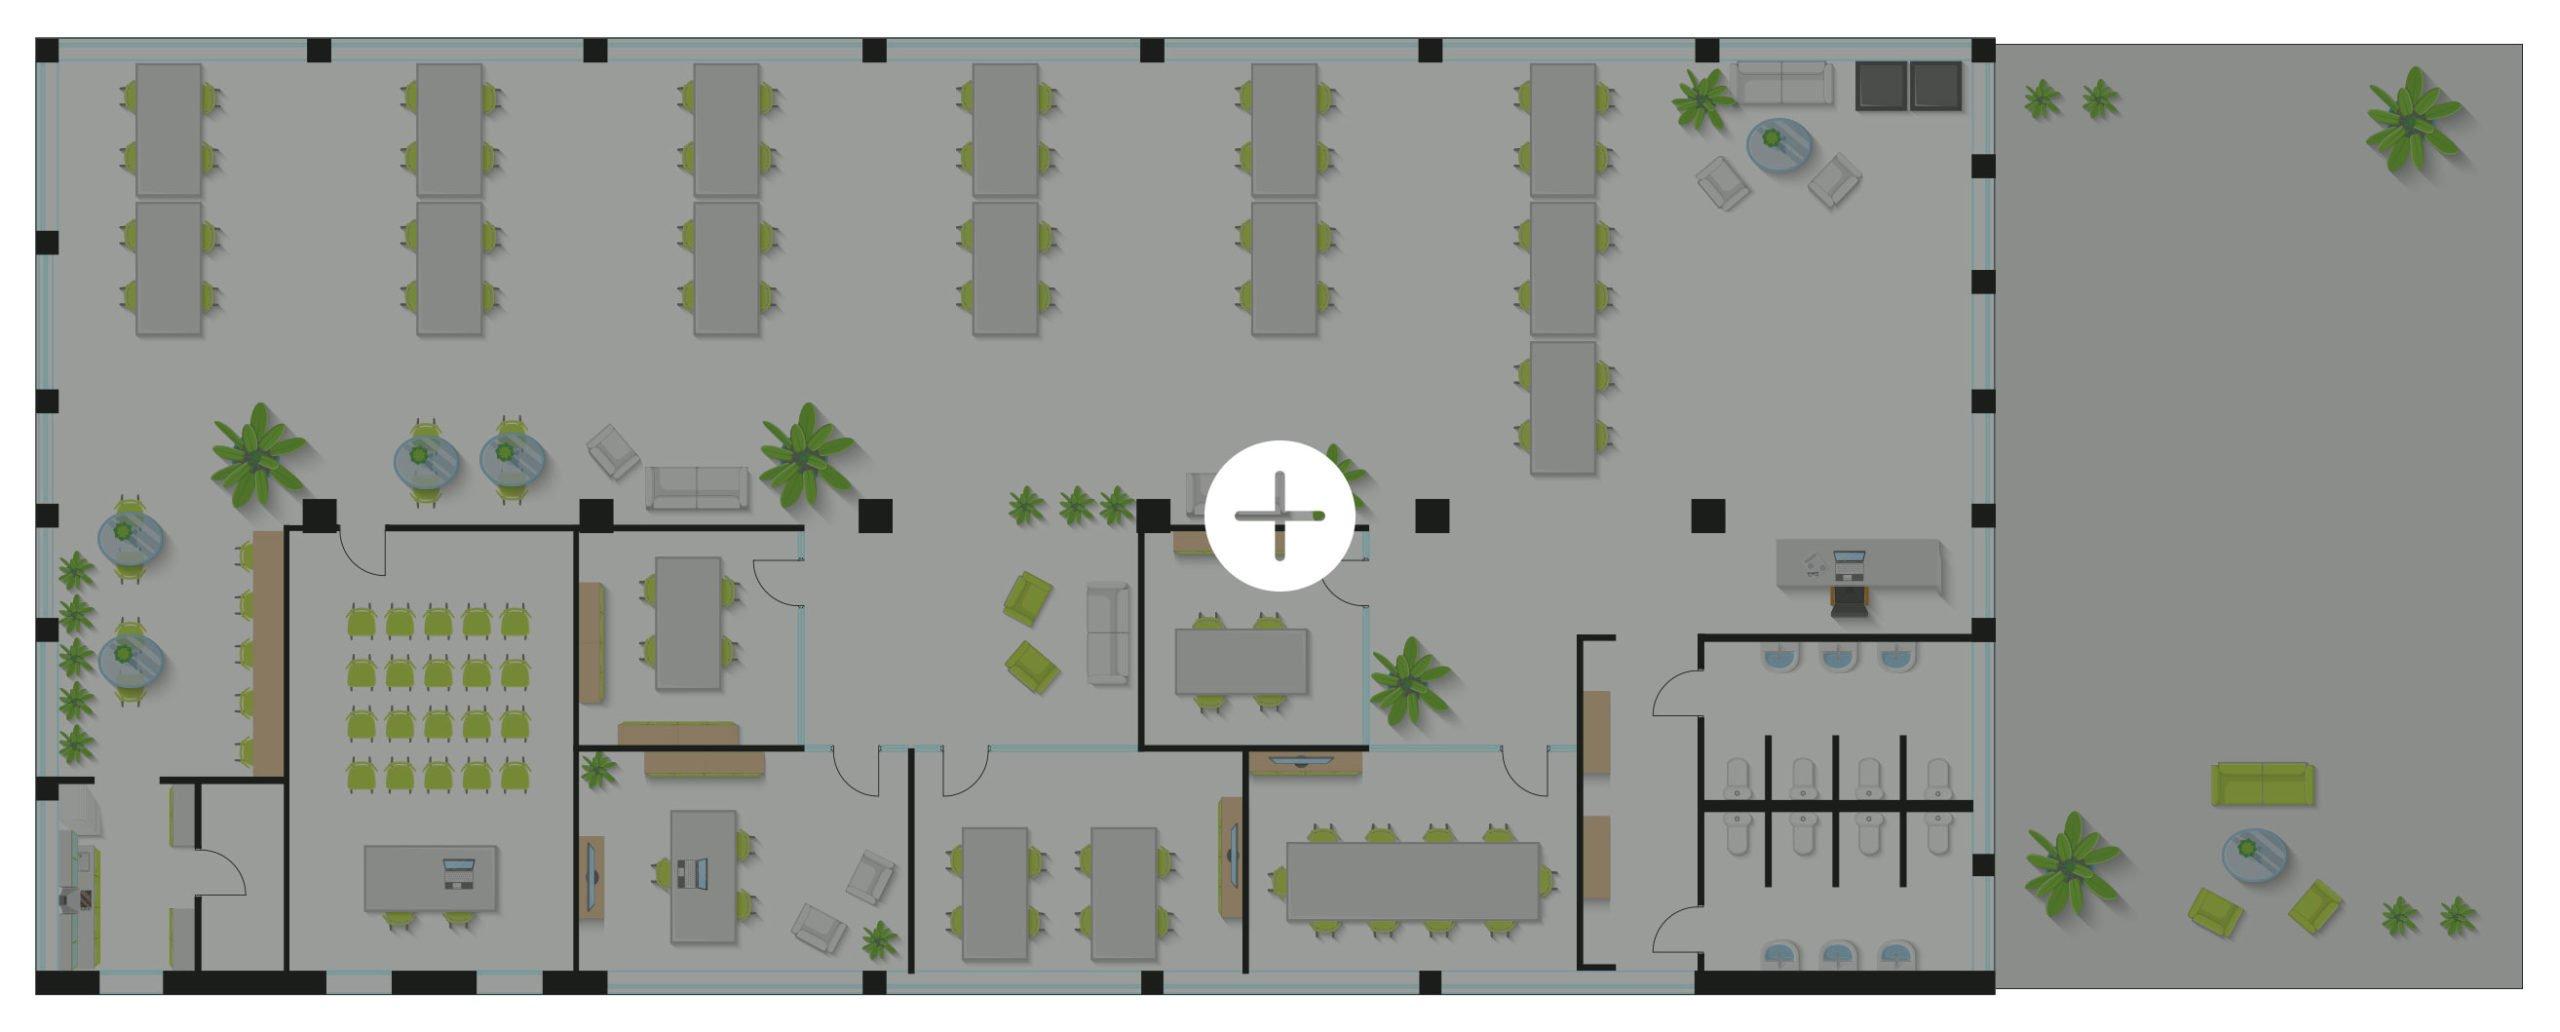 ufficio coworking mappa